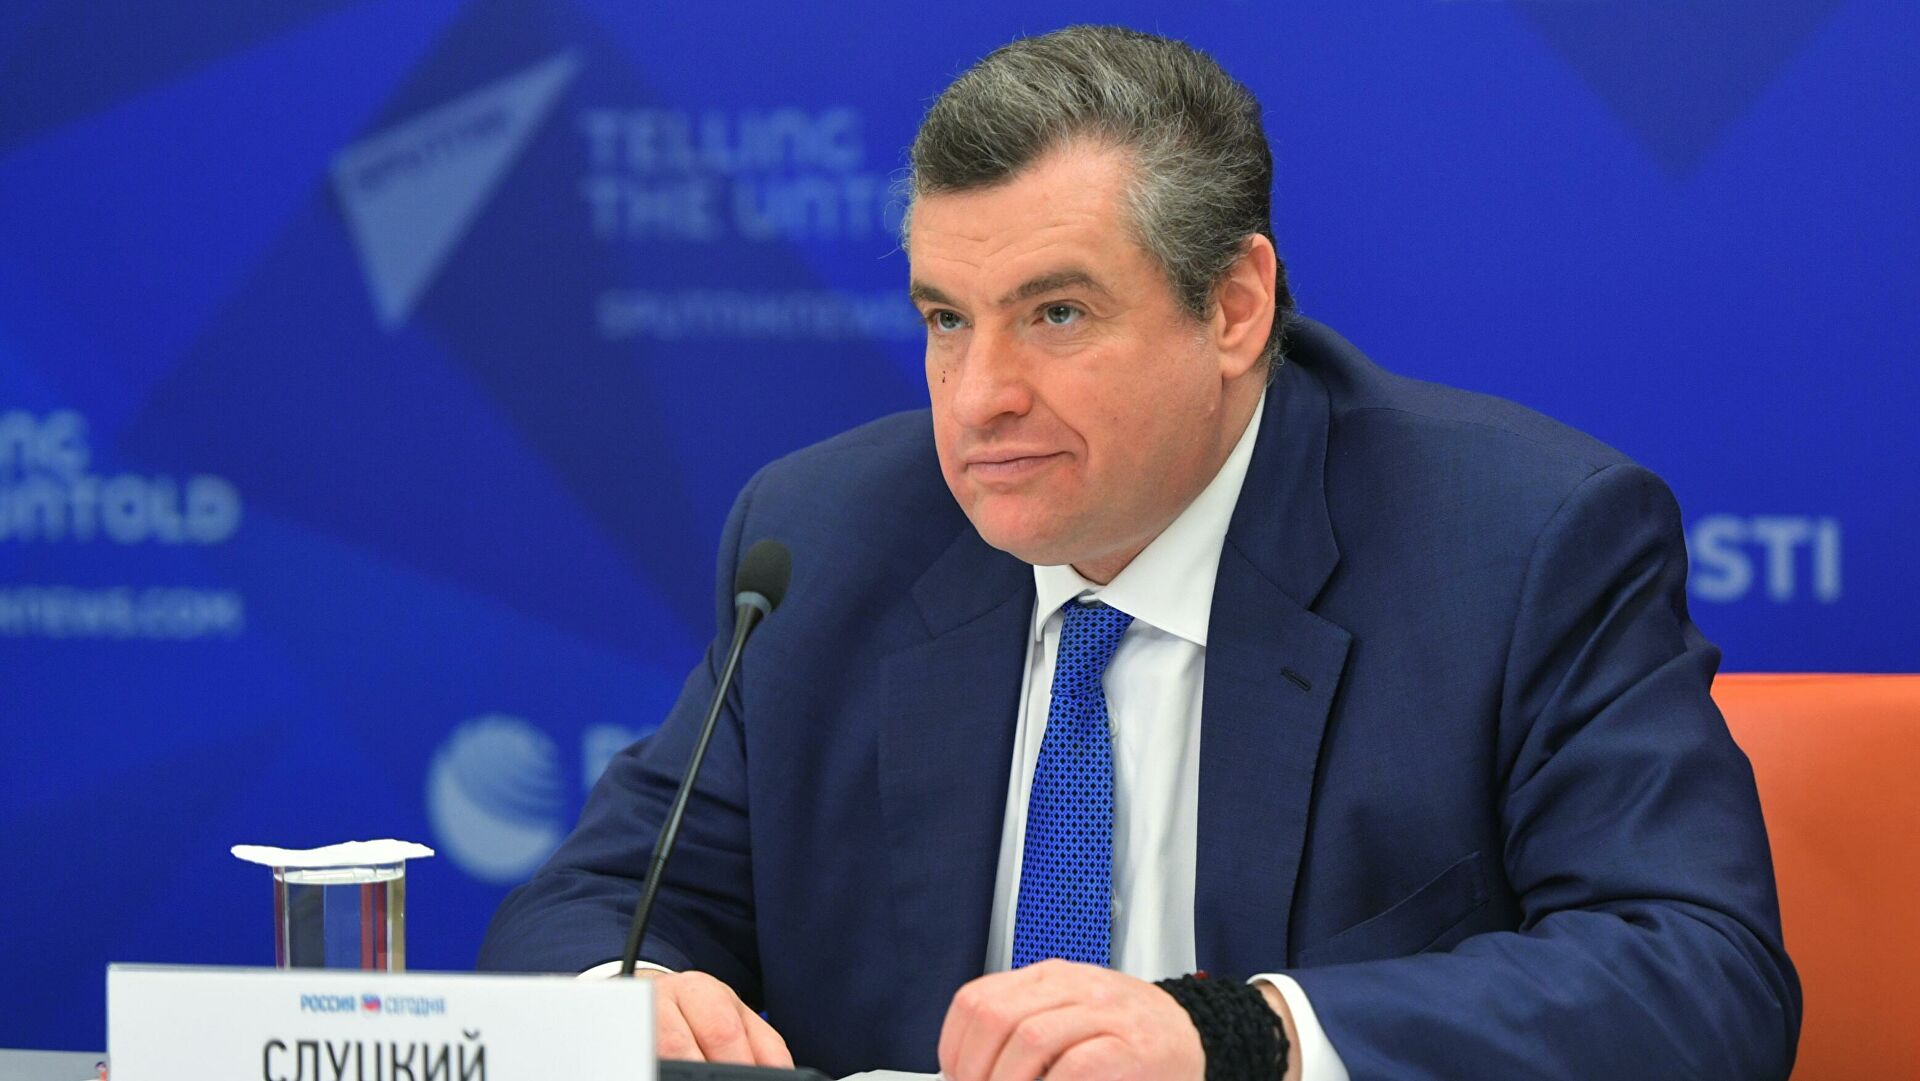 Slucki: Rusija se neće uvlačiti ni u kakve ratove, ona će ih završavati, sprečavati i spasavati ljude